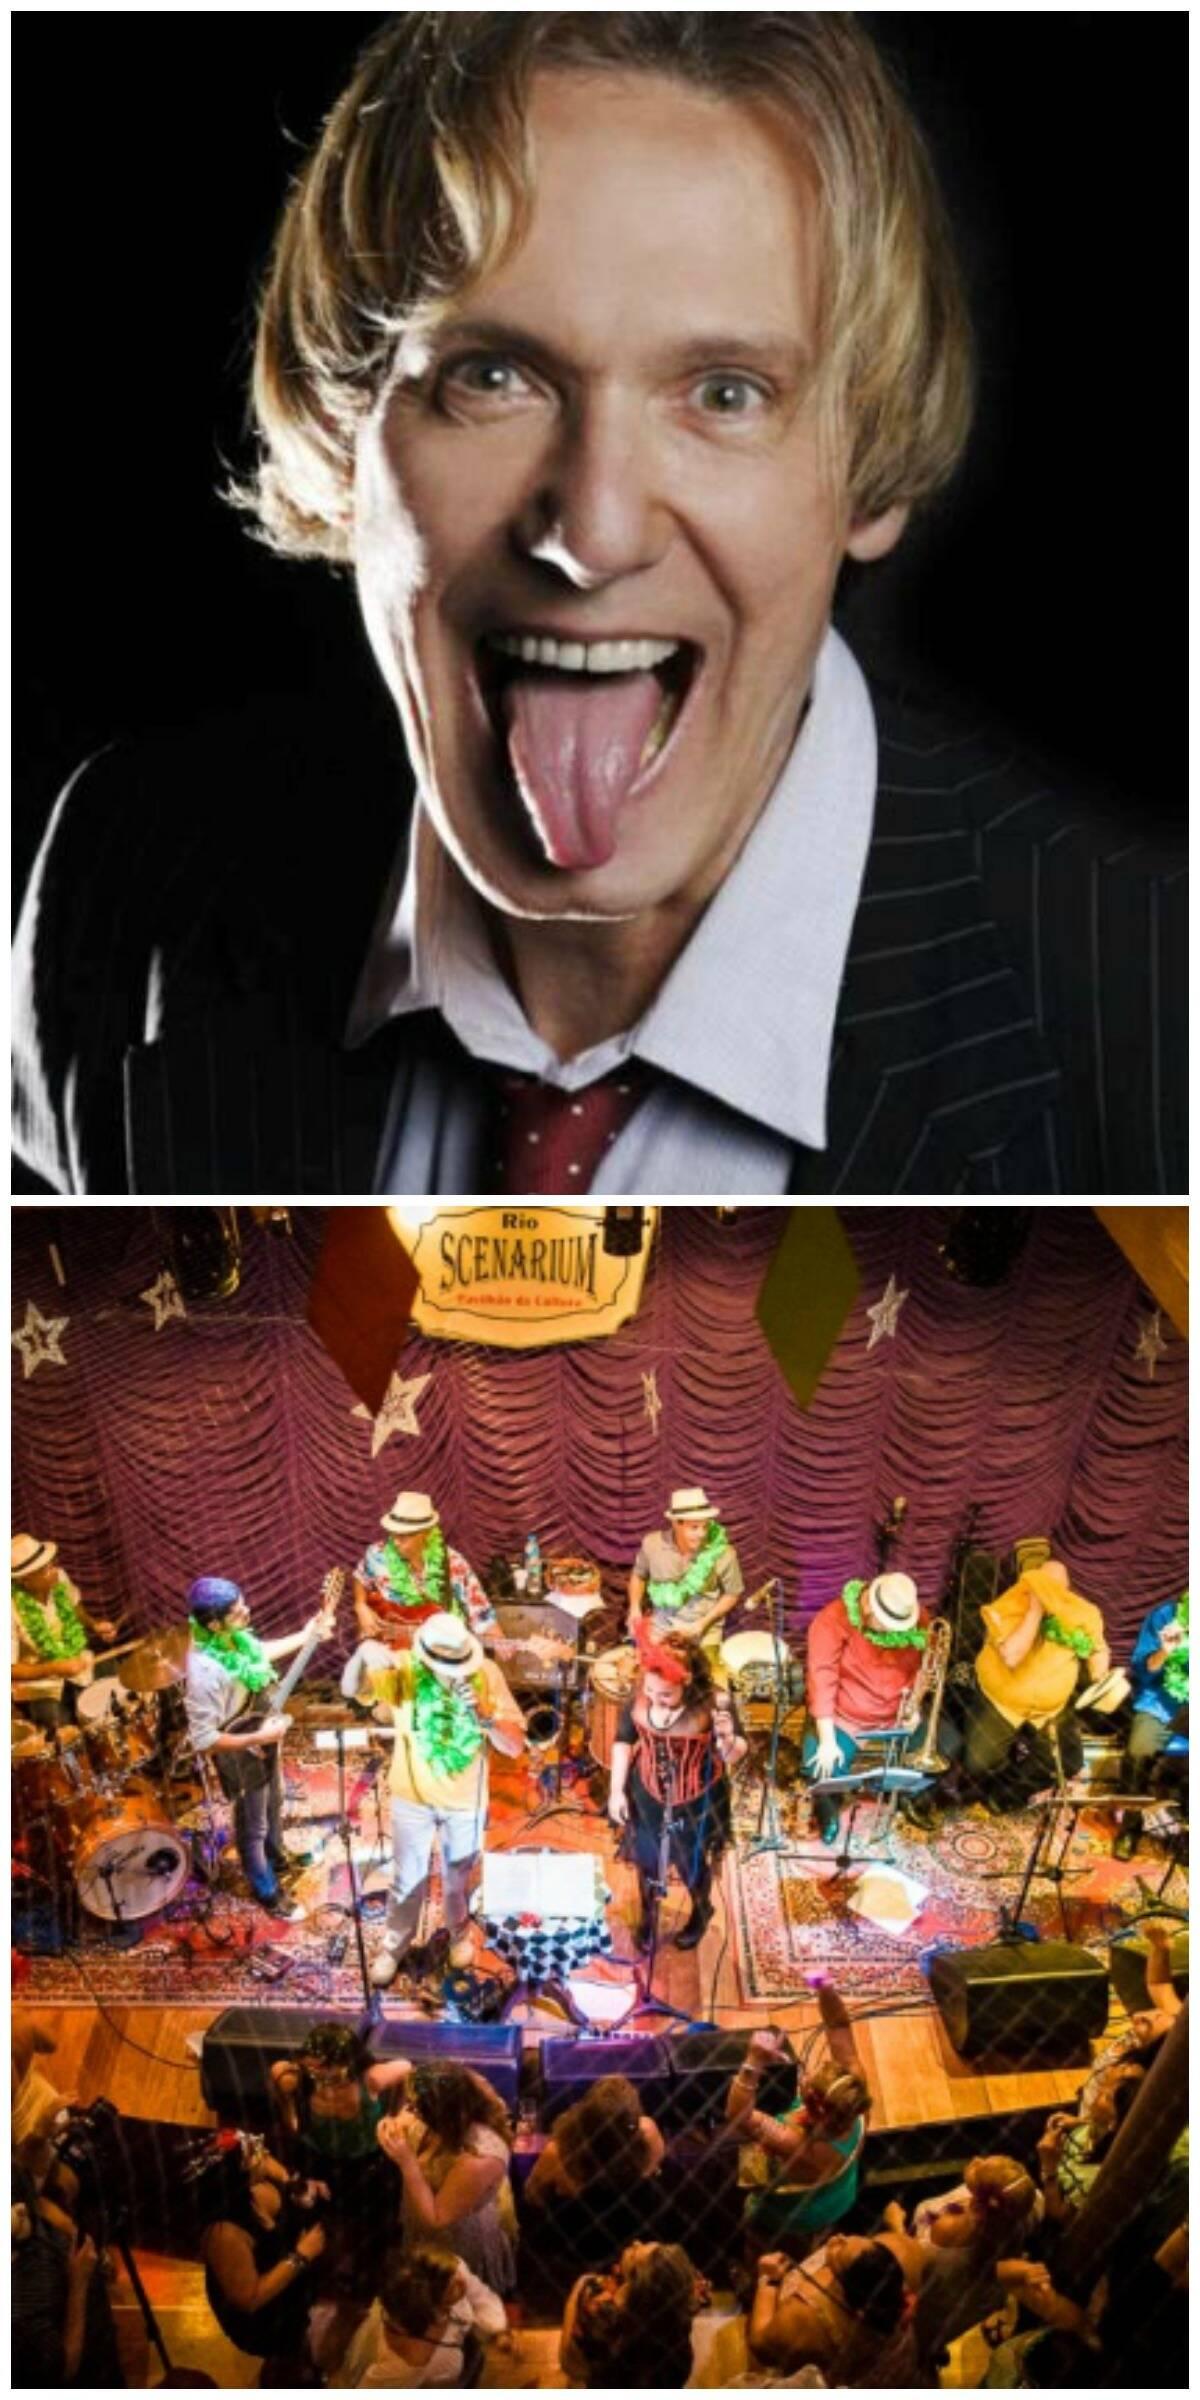 Eduardo Dussek, no alto, e um dos bailes do Rio Scenarium, no carnaval do ano passado: animação garantida / Fotos: divulgação